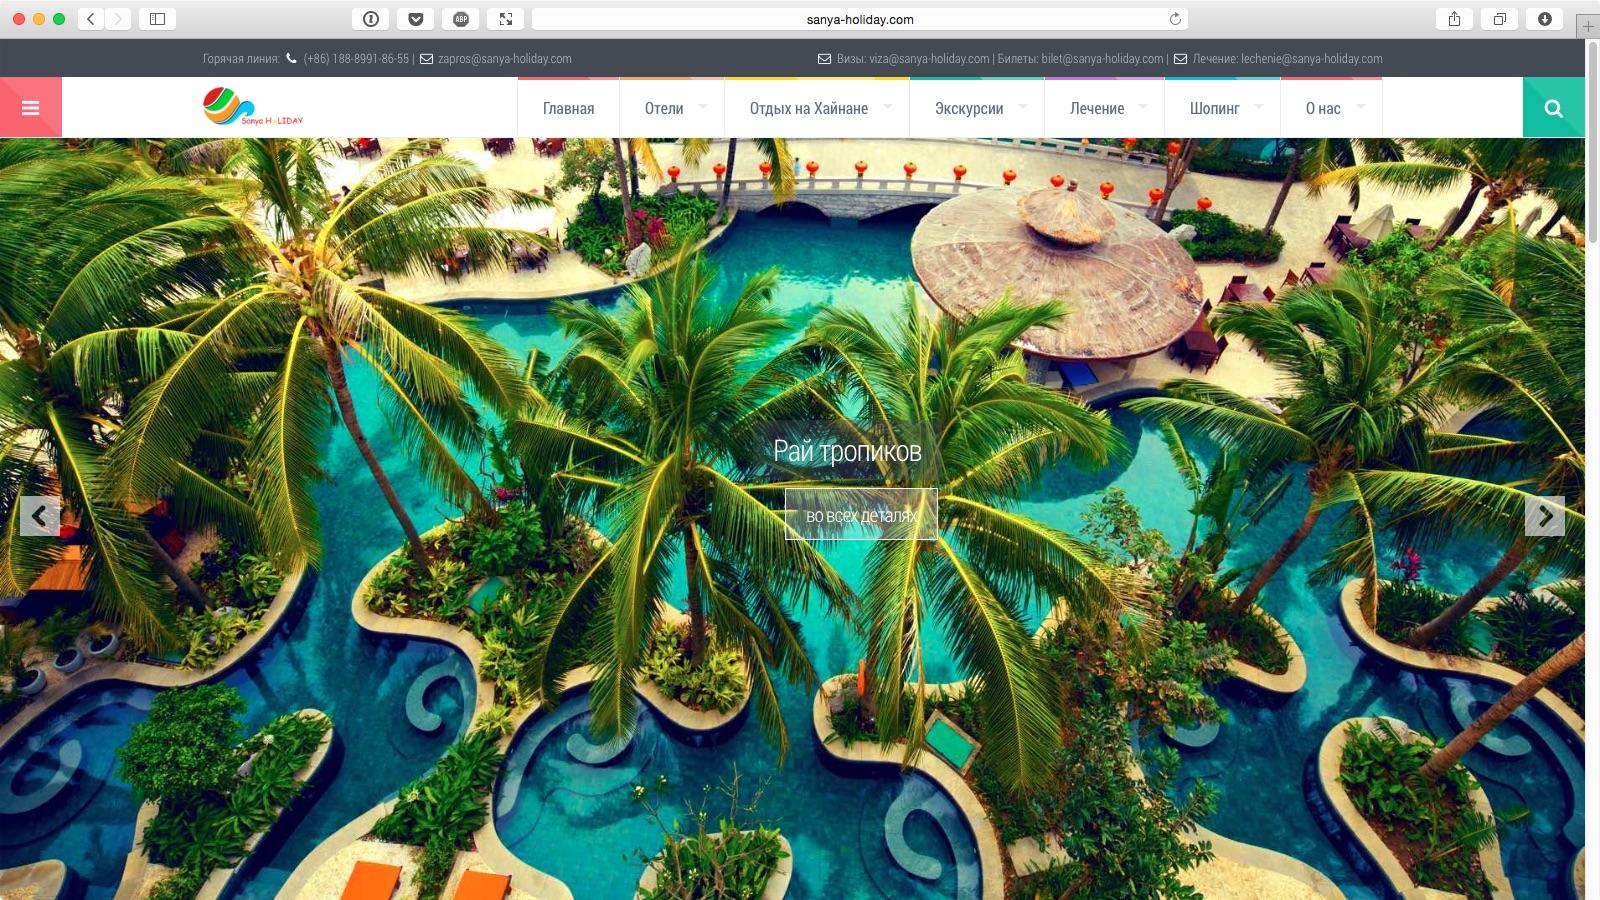 Travel company website: sanya-holiday.com